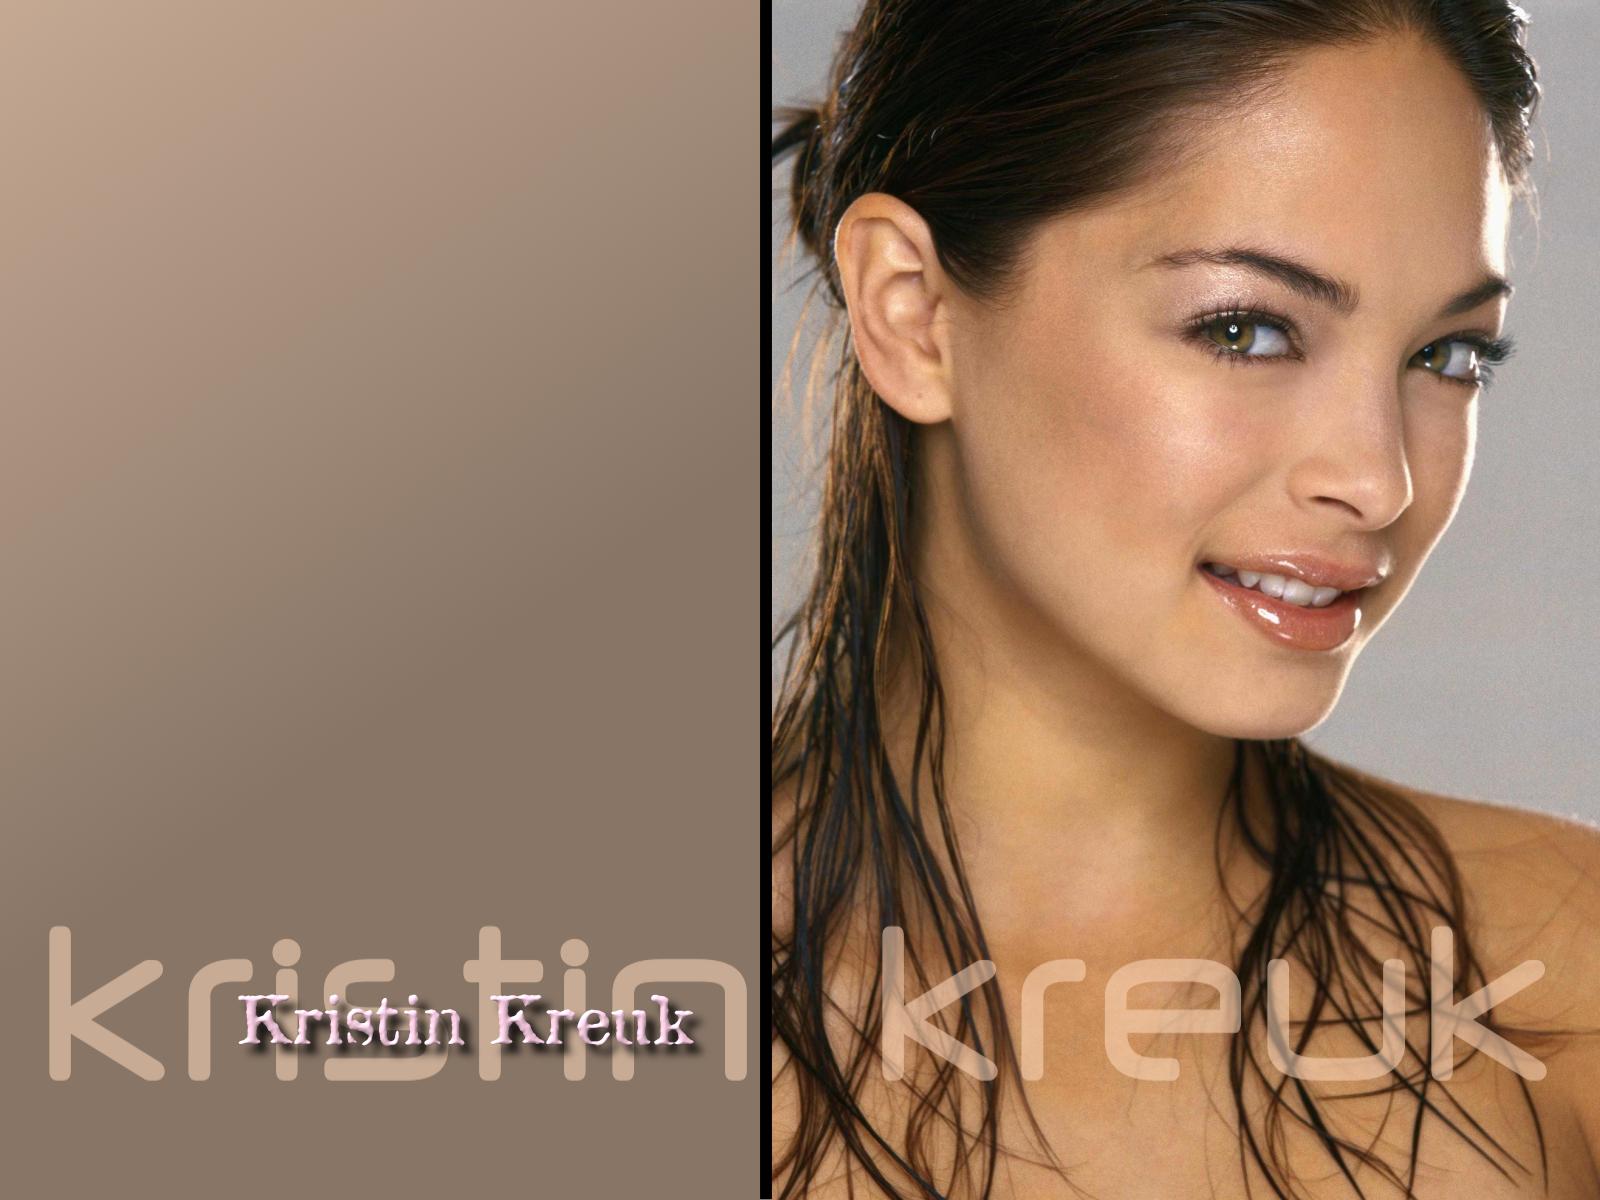 http://feroxy.com/wallpaper/kristin_kreuk/kristin_kreuk_wp1_1600x1200.png